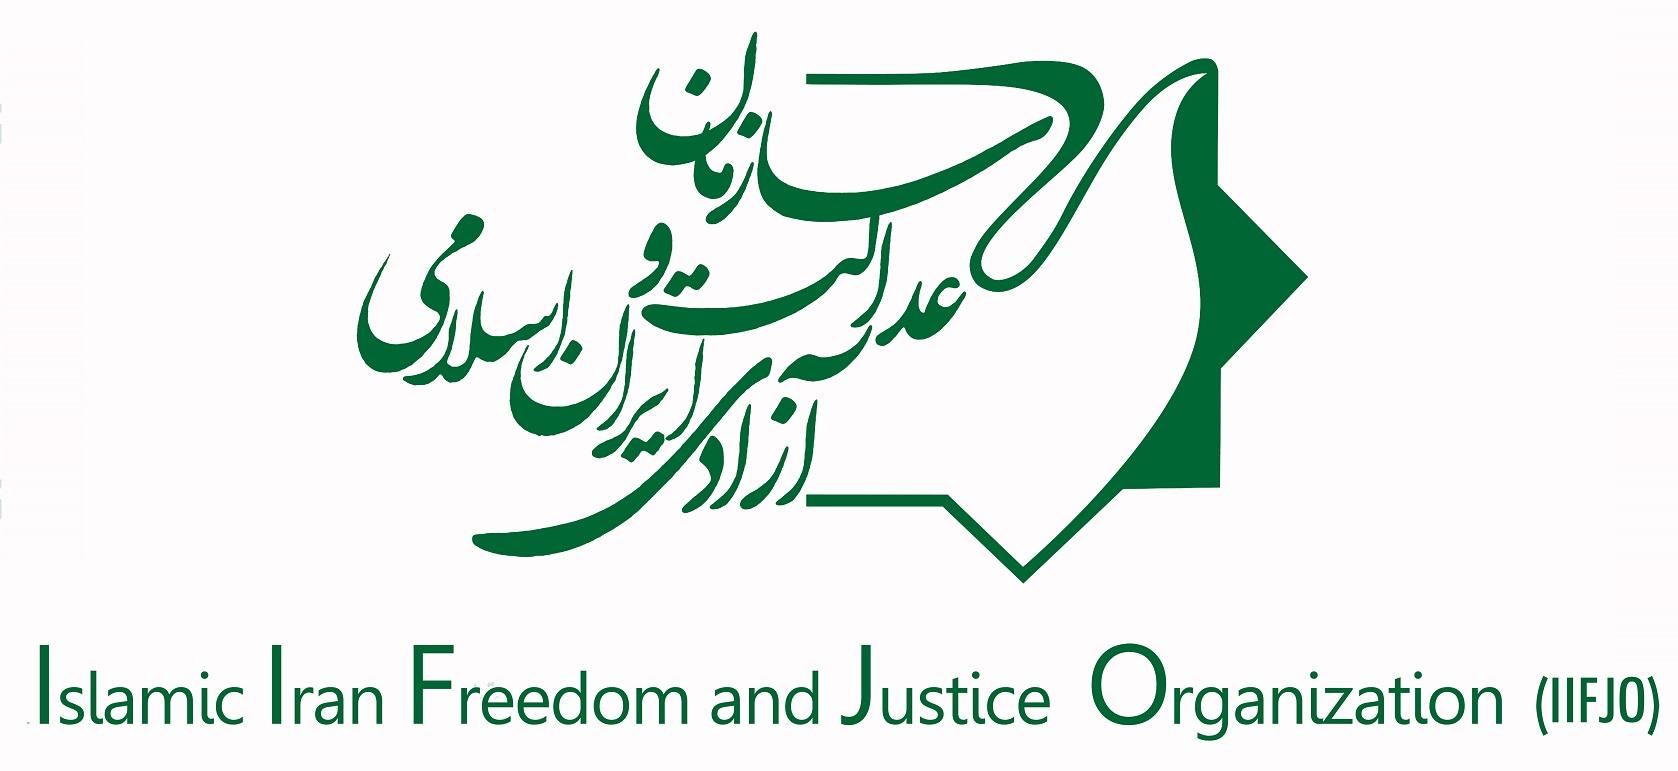 نامه سازمان عدالت و آزای به دبیر شورای نگهبان: نمیتوان تکالیف را مطالبه کرد و از برآوردن حقوق شانه خالی کرد